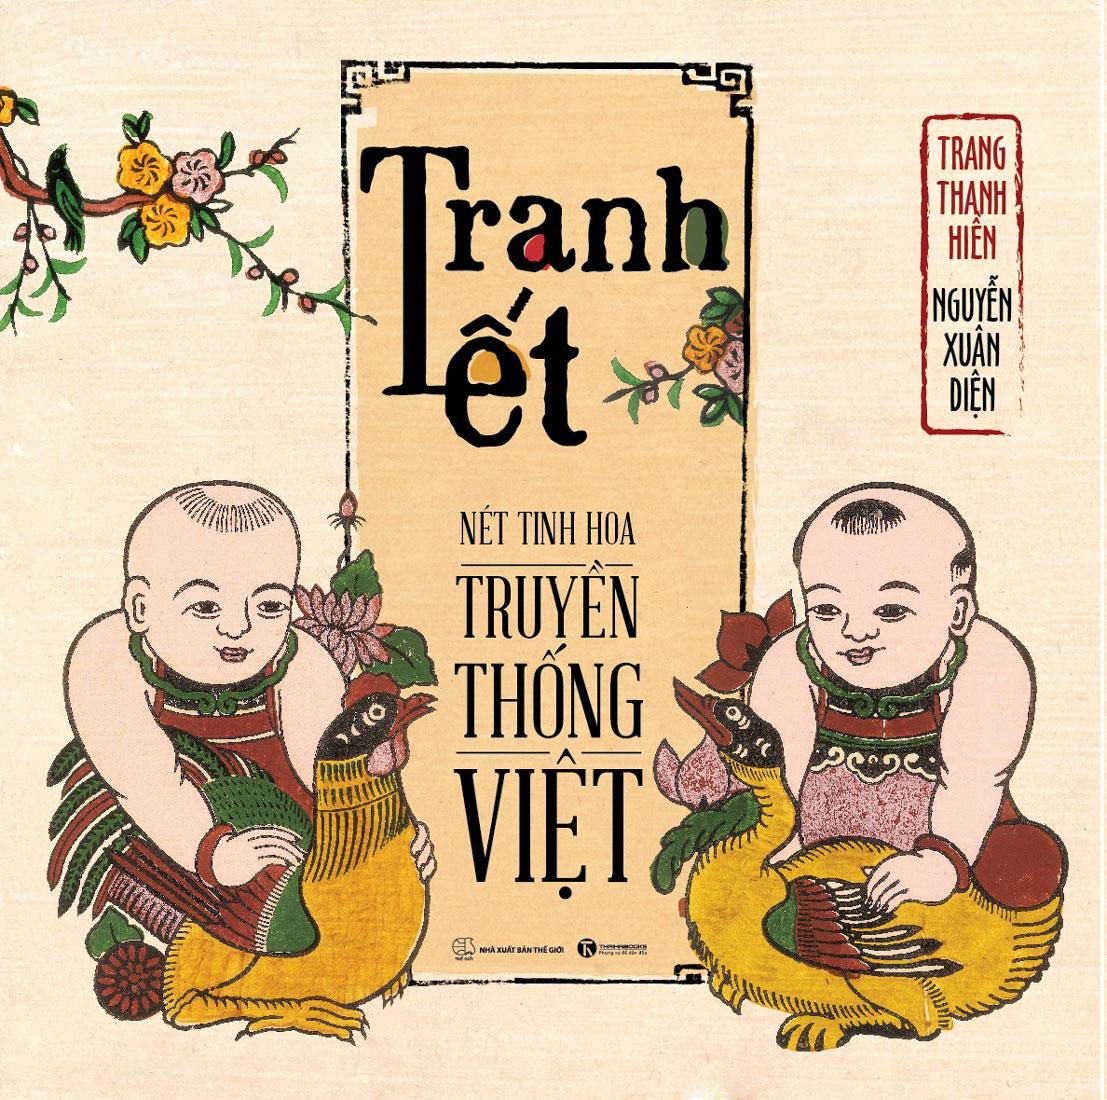 Tranh Tết - Nét Tinh Hoa Truyền Thống Việt